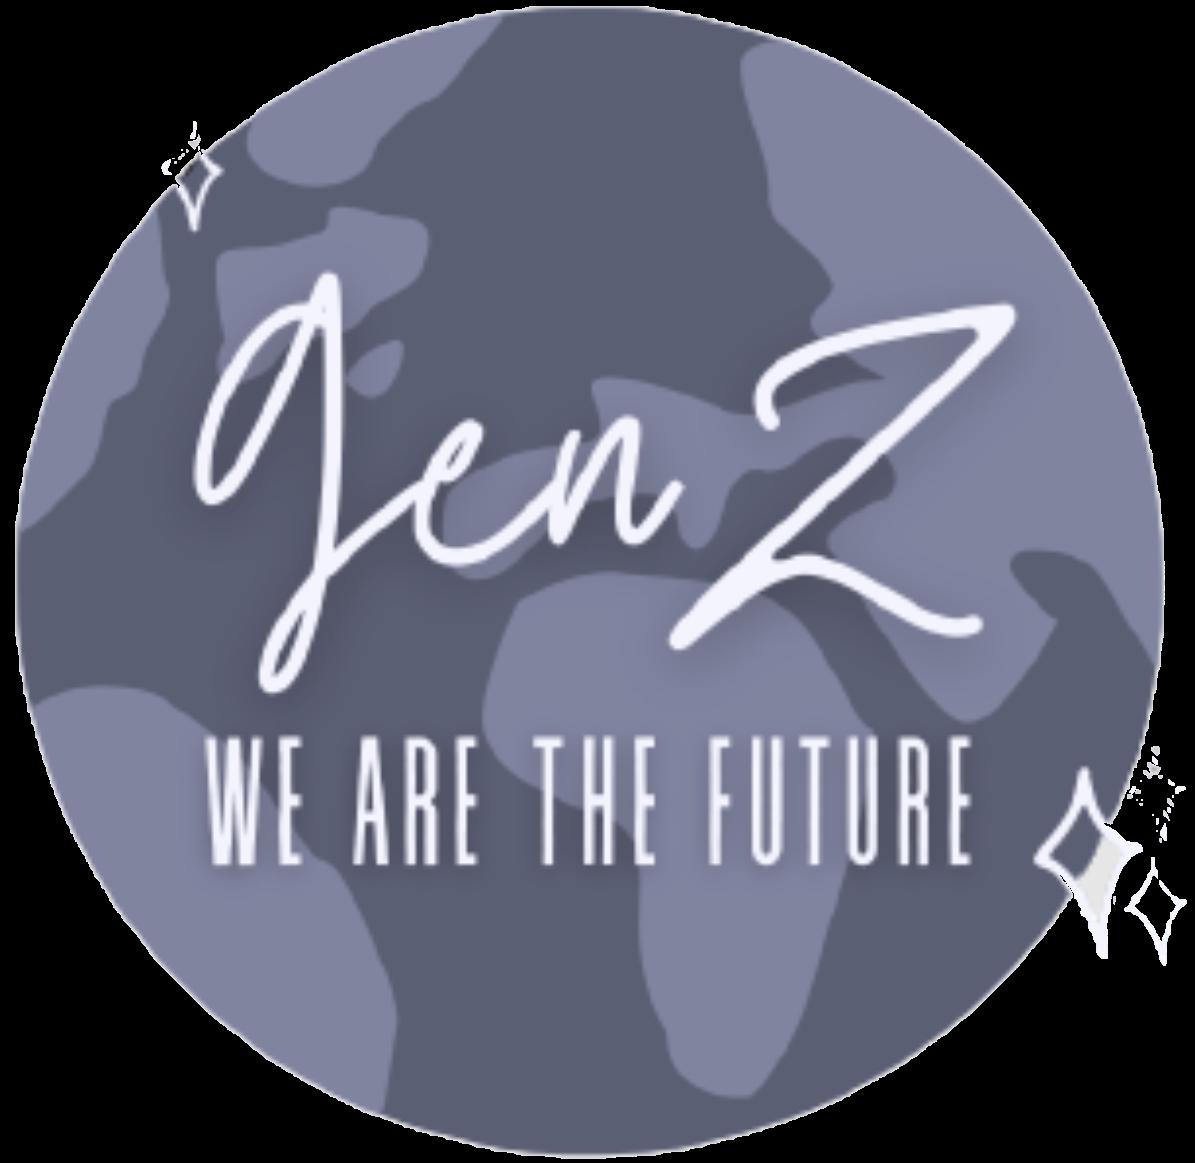 Gen Z We Are The Future